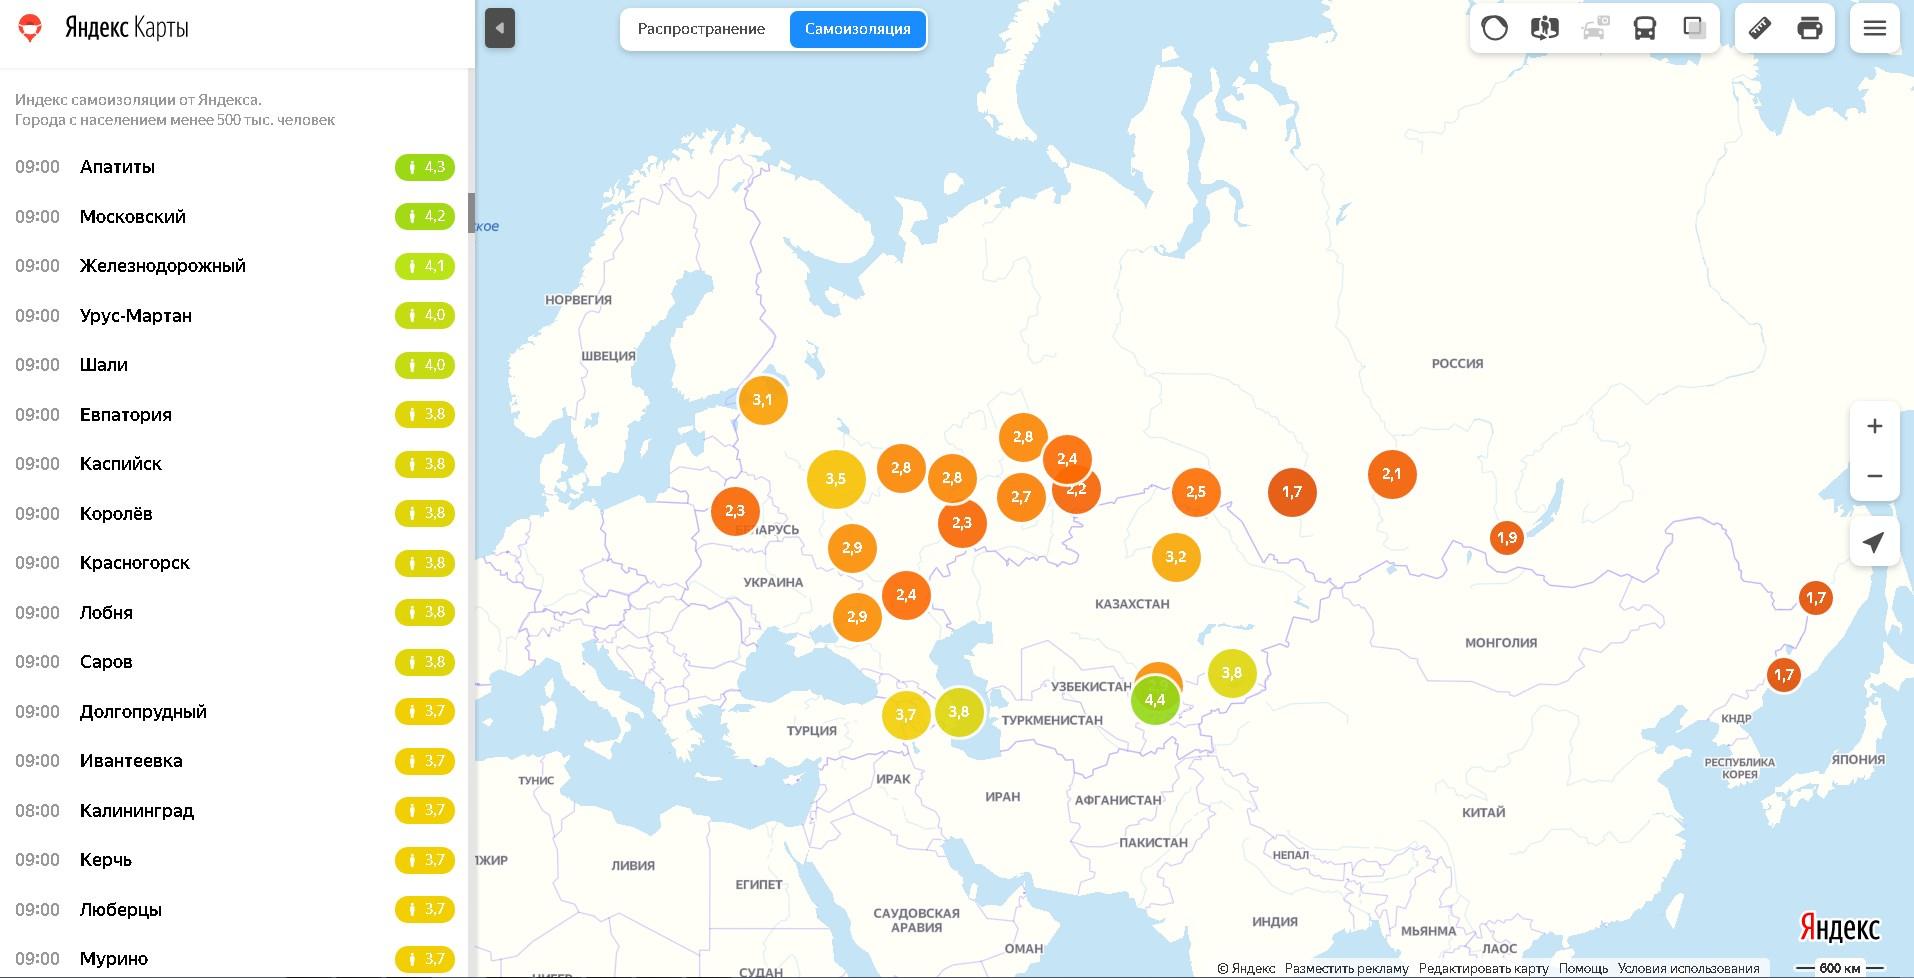 """Скриншот из&nbsp;<a href=""""https://yandex.ru/maps/covid19/isolation?l=trf%2Ctrfe&amp;ll=44.027732%2C53.403068&amp;z=5"""" class=""""_"""">yandex.ru/maps/covid19/isolation</a>"""